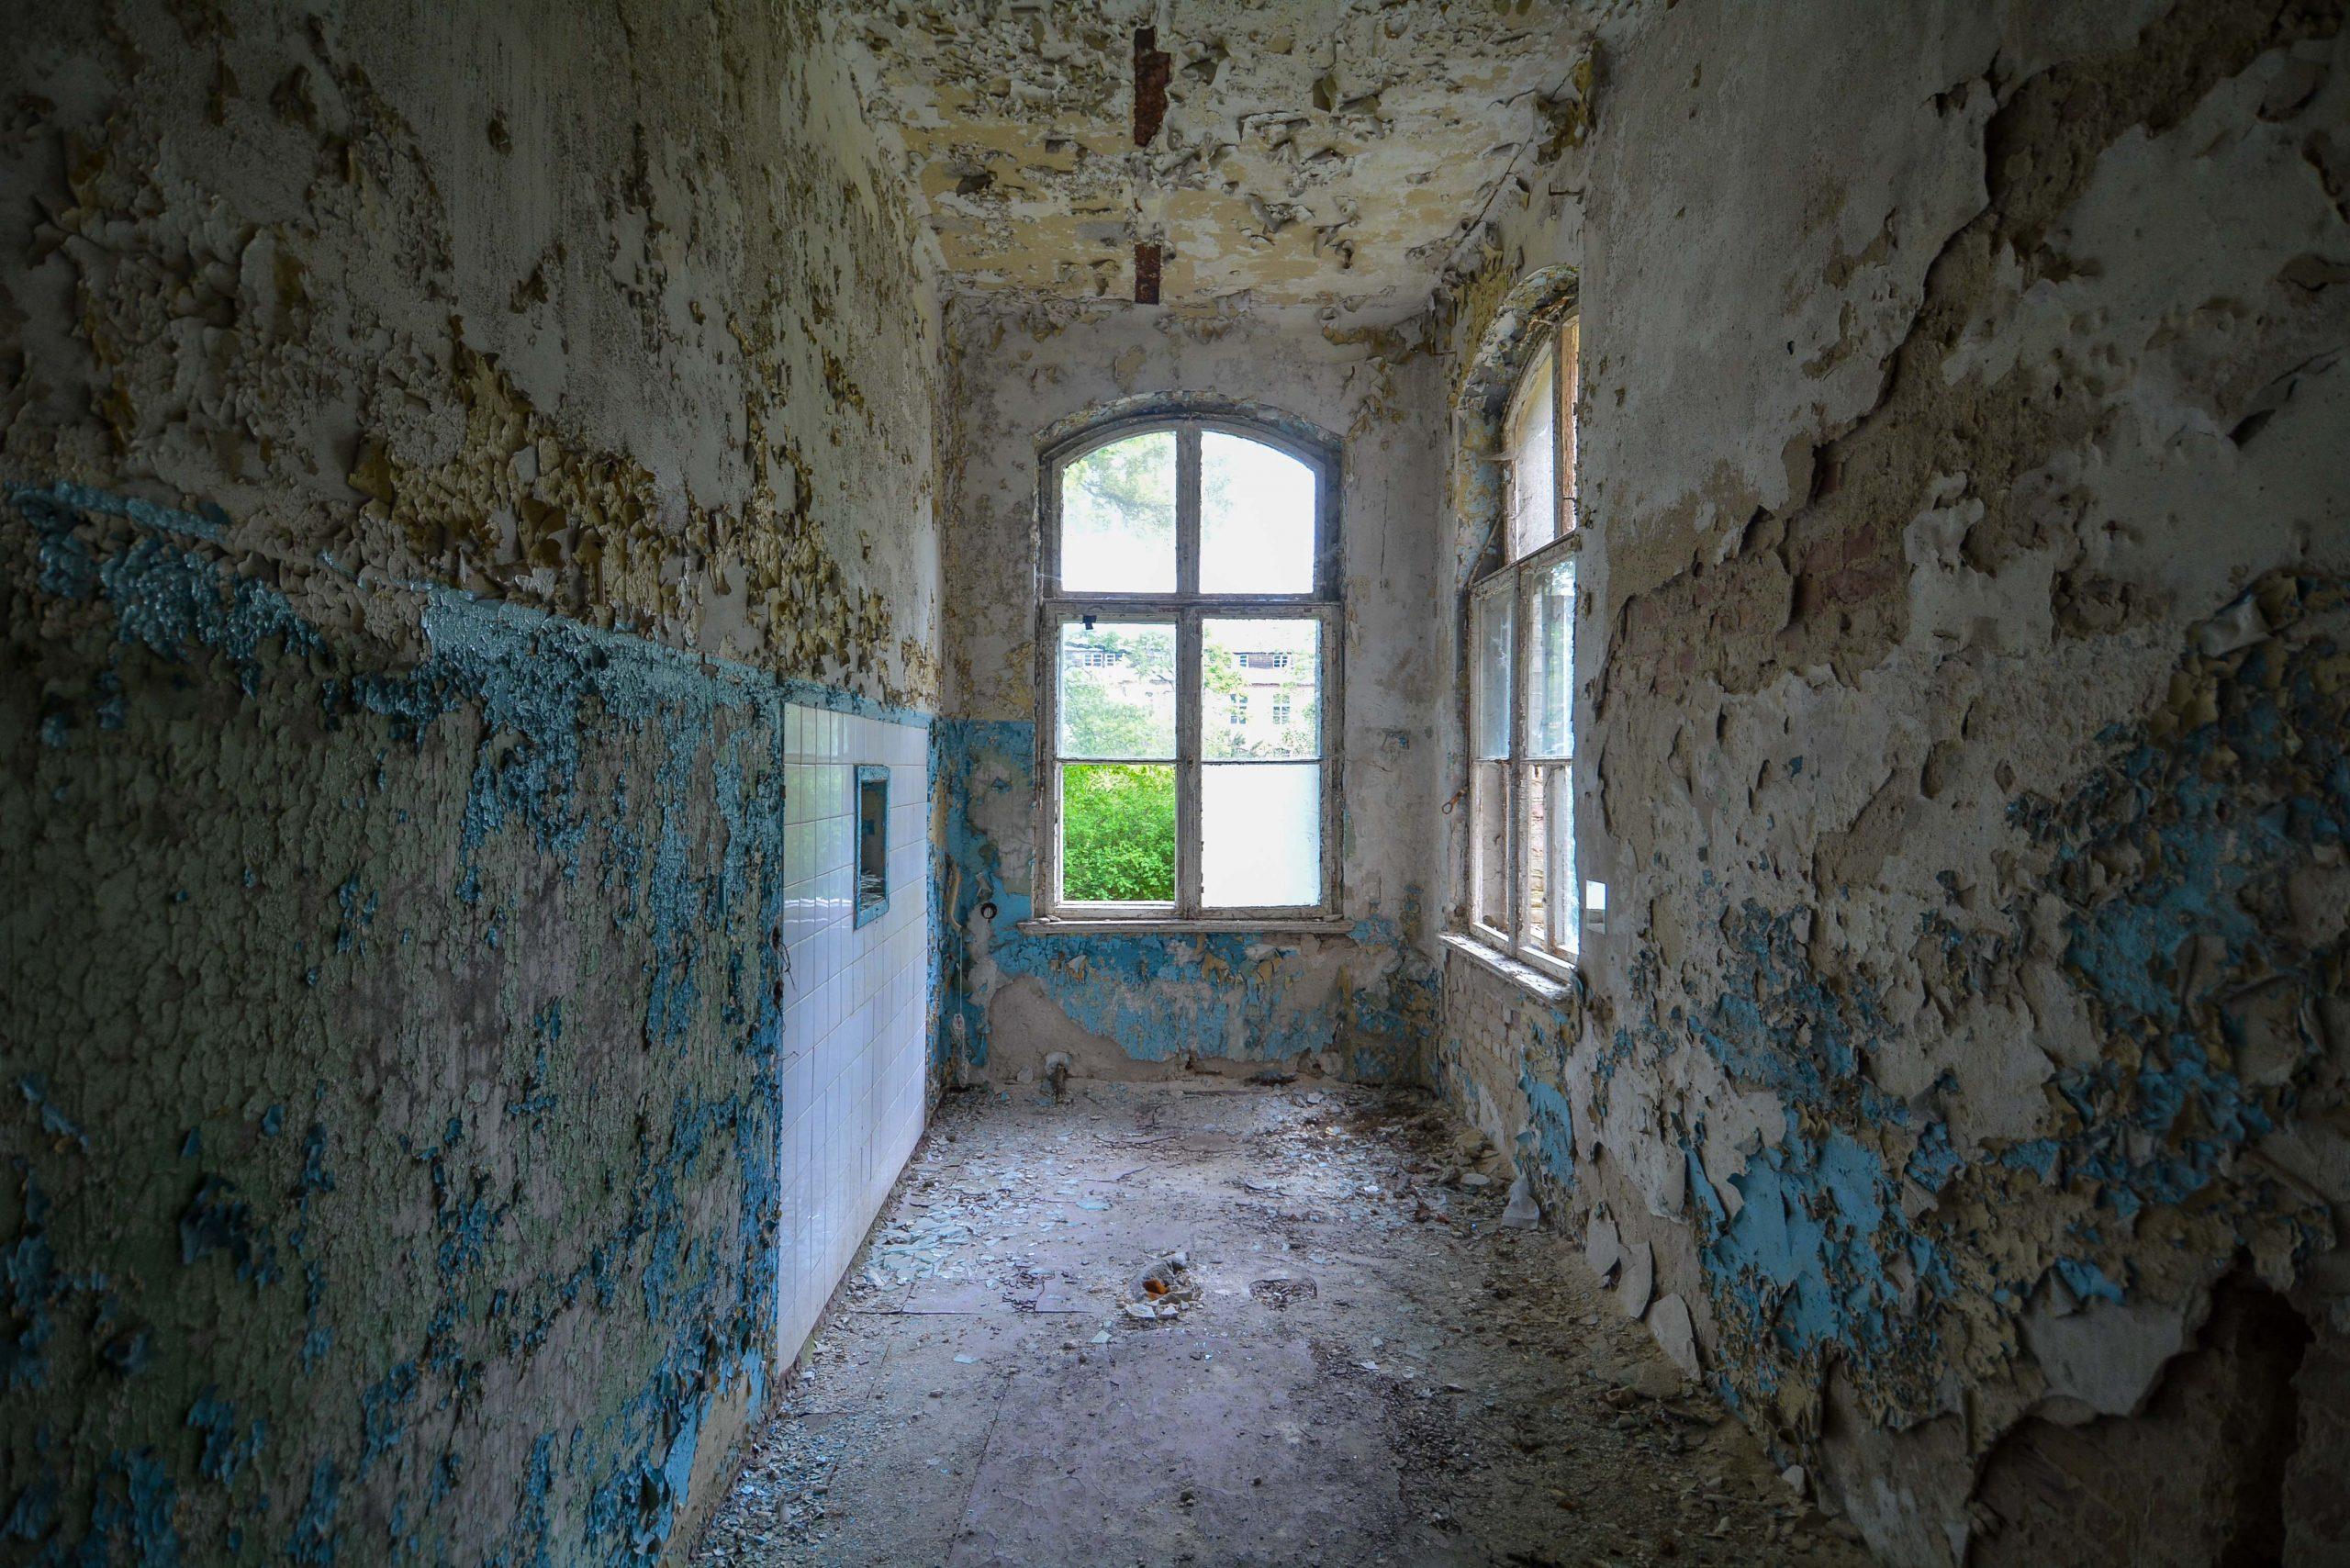 blue hallway paint tuberkulose heilstaette grabowsee sanatorium hospital oranienburg lost places abandoned urbex brandenburg germany deutschland